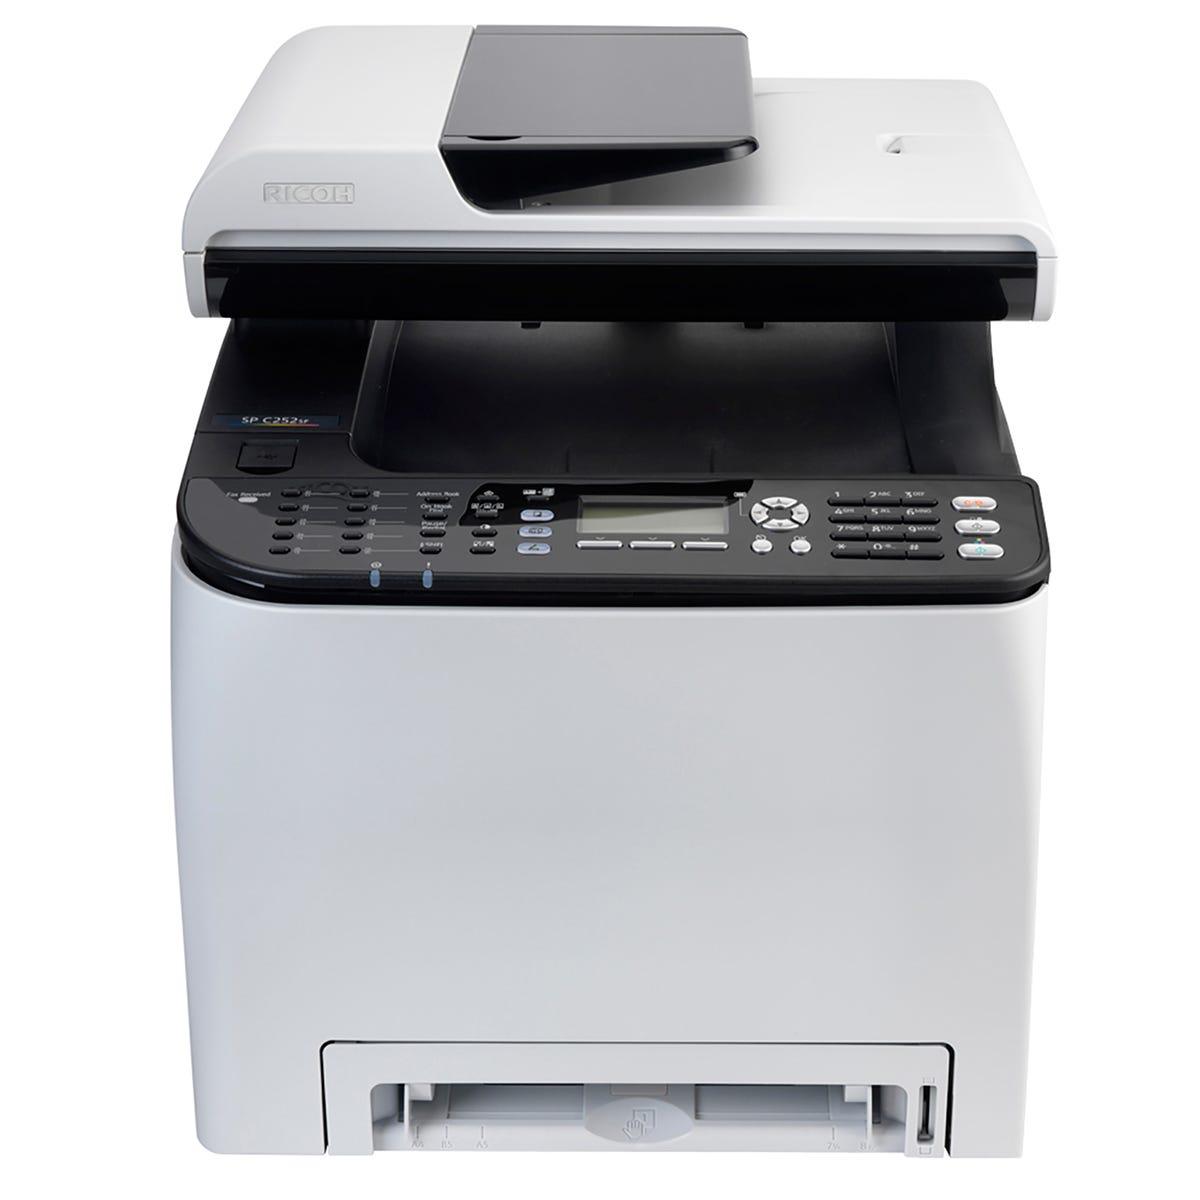 Ricoh SP C250sf A4 Desktop Colour Laser Multi Functional Printer